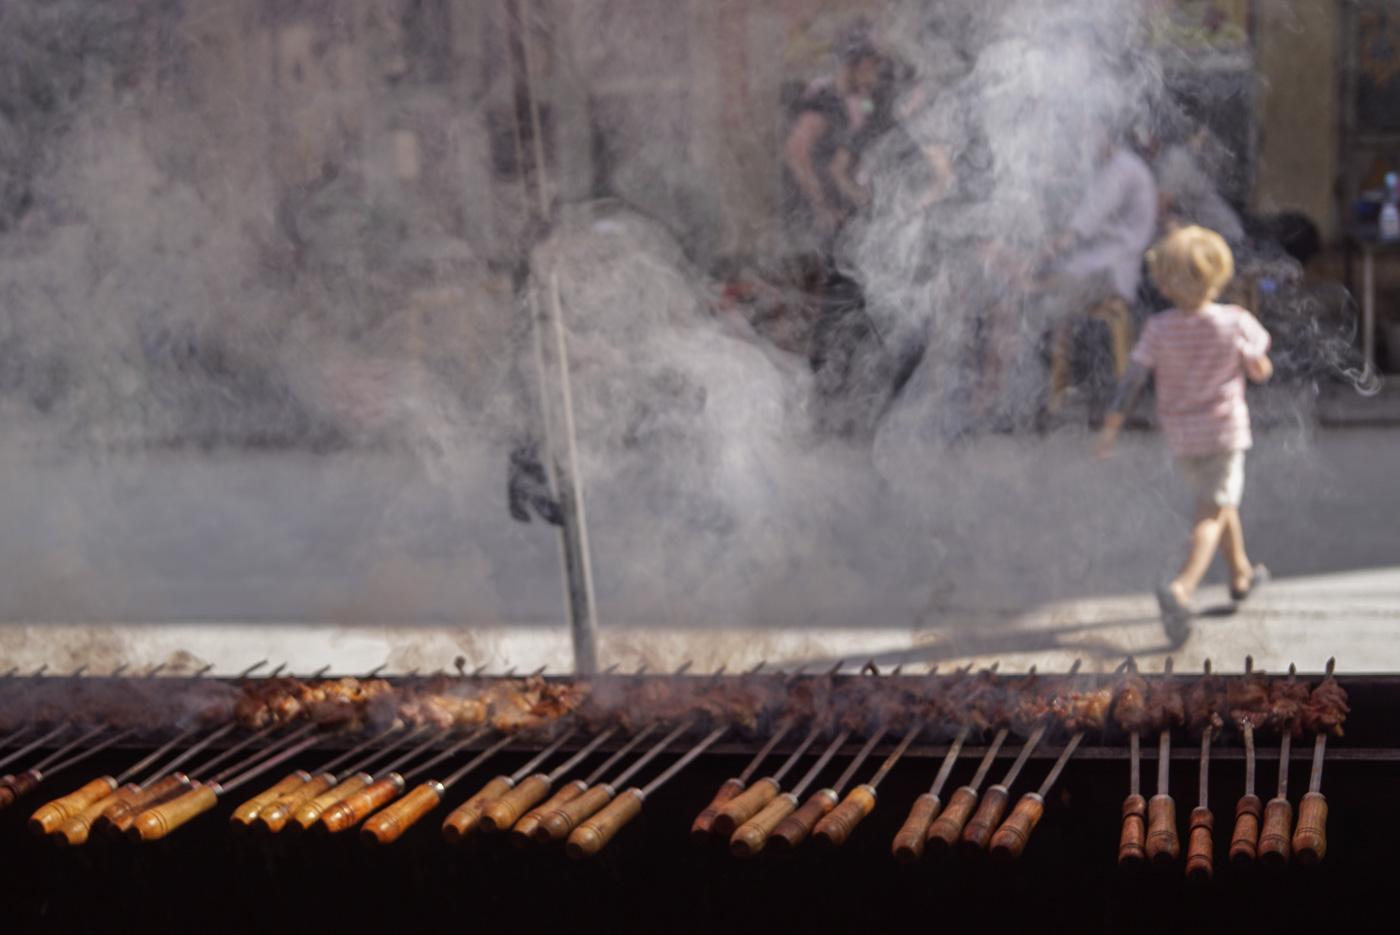 Im Vordergrund sind auf einem länglichen Grill ca 30 Schaschlikspieße zu sehen und dampfen steigt auf. Durch den Rauch sieht man im Hintergrund Luke über die Straße laufen.